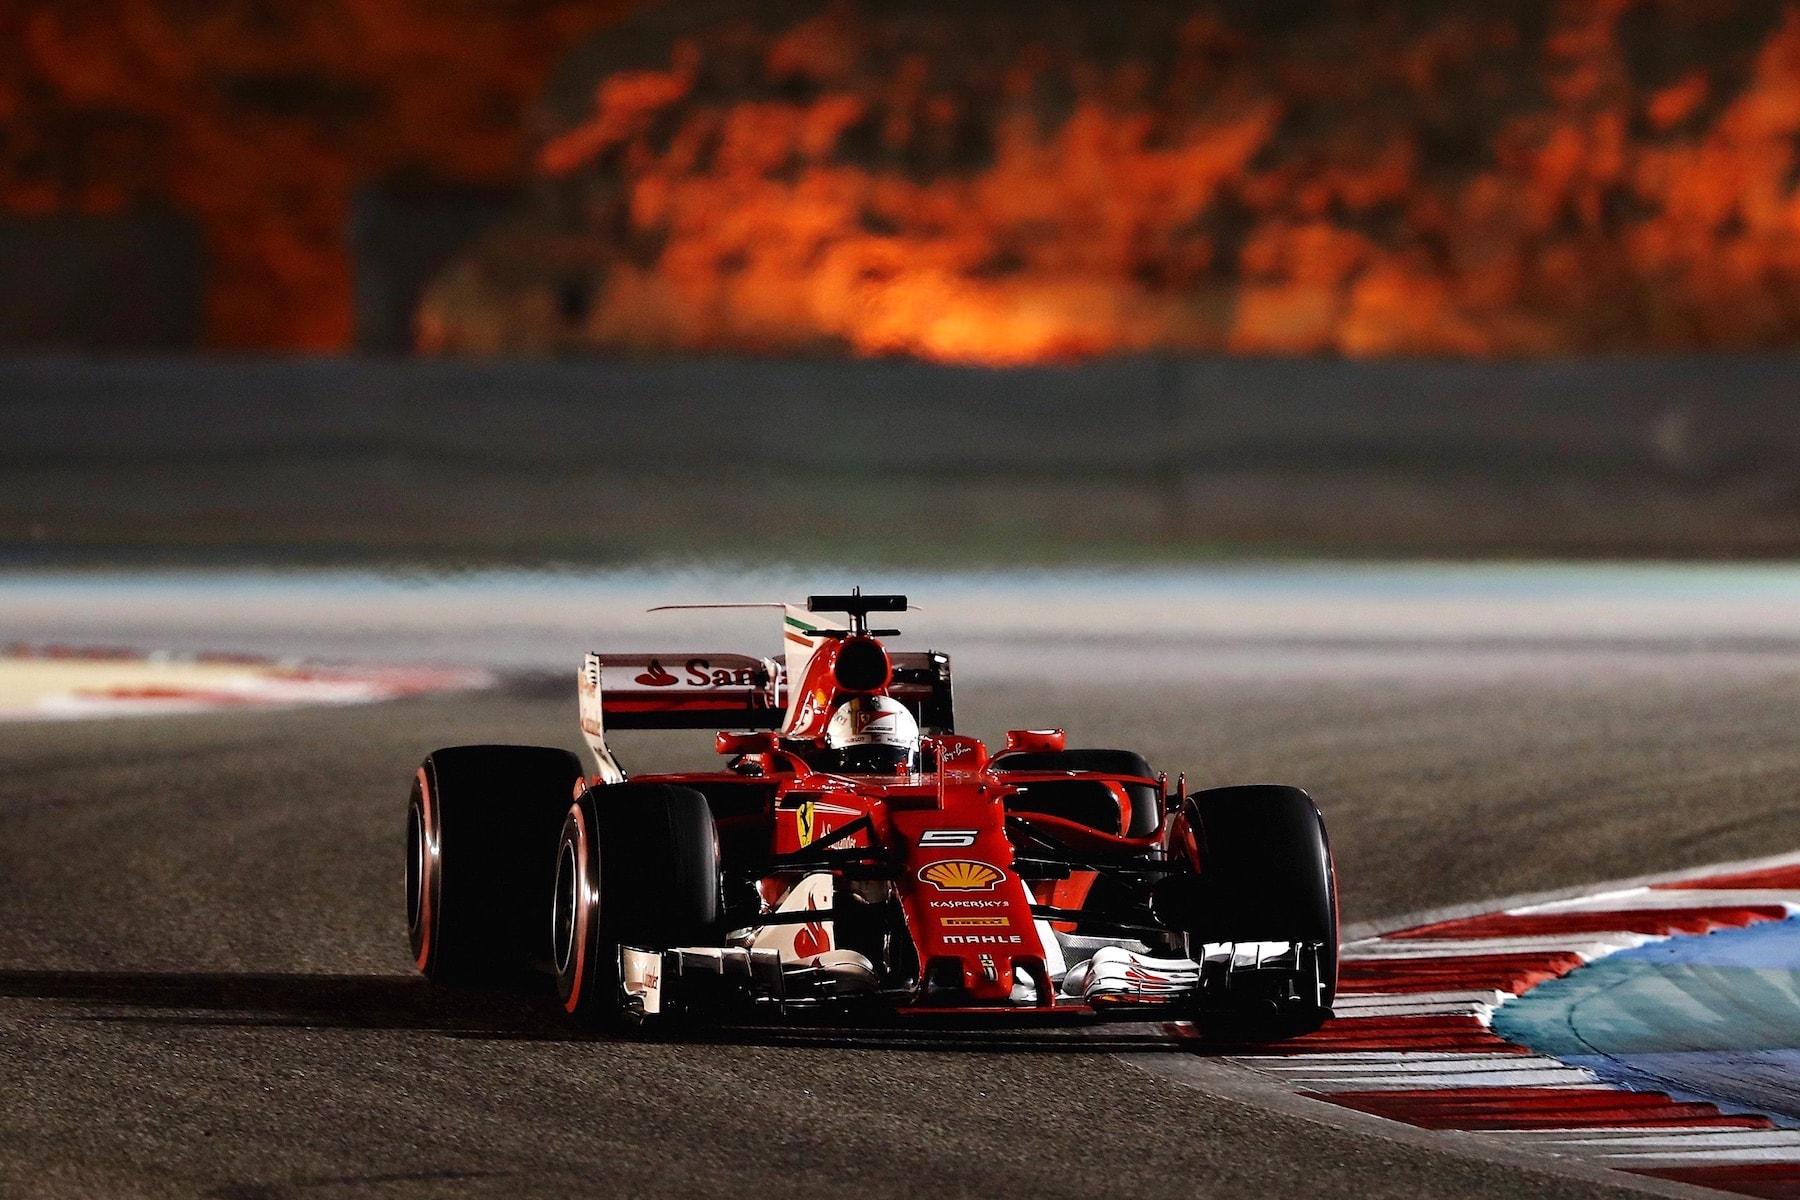 J 2017 Sebastian Vettel   Ferrari SF70H   2017 Bahrain GP P1 6a copy.jpg